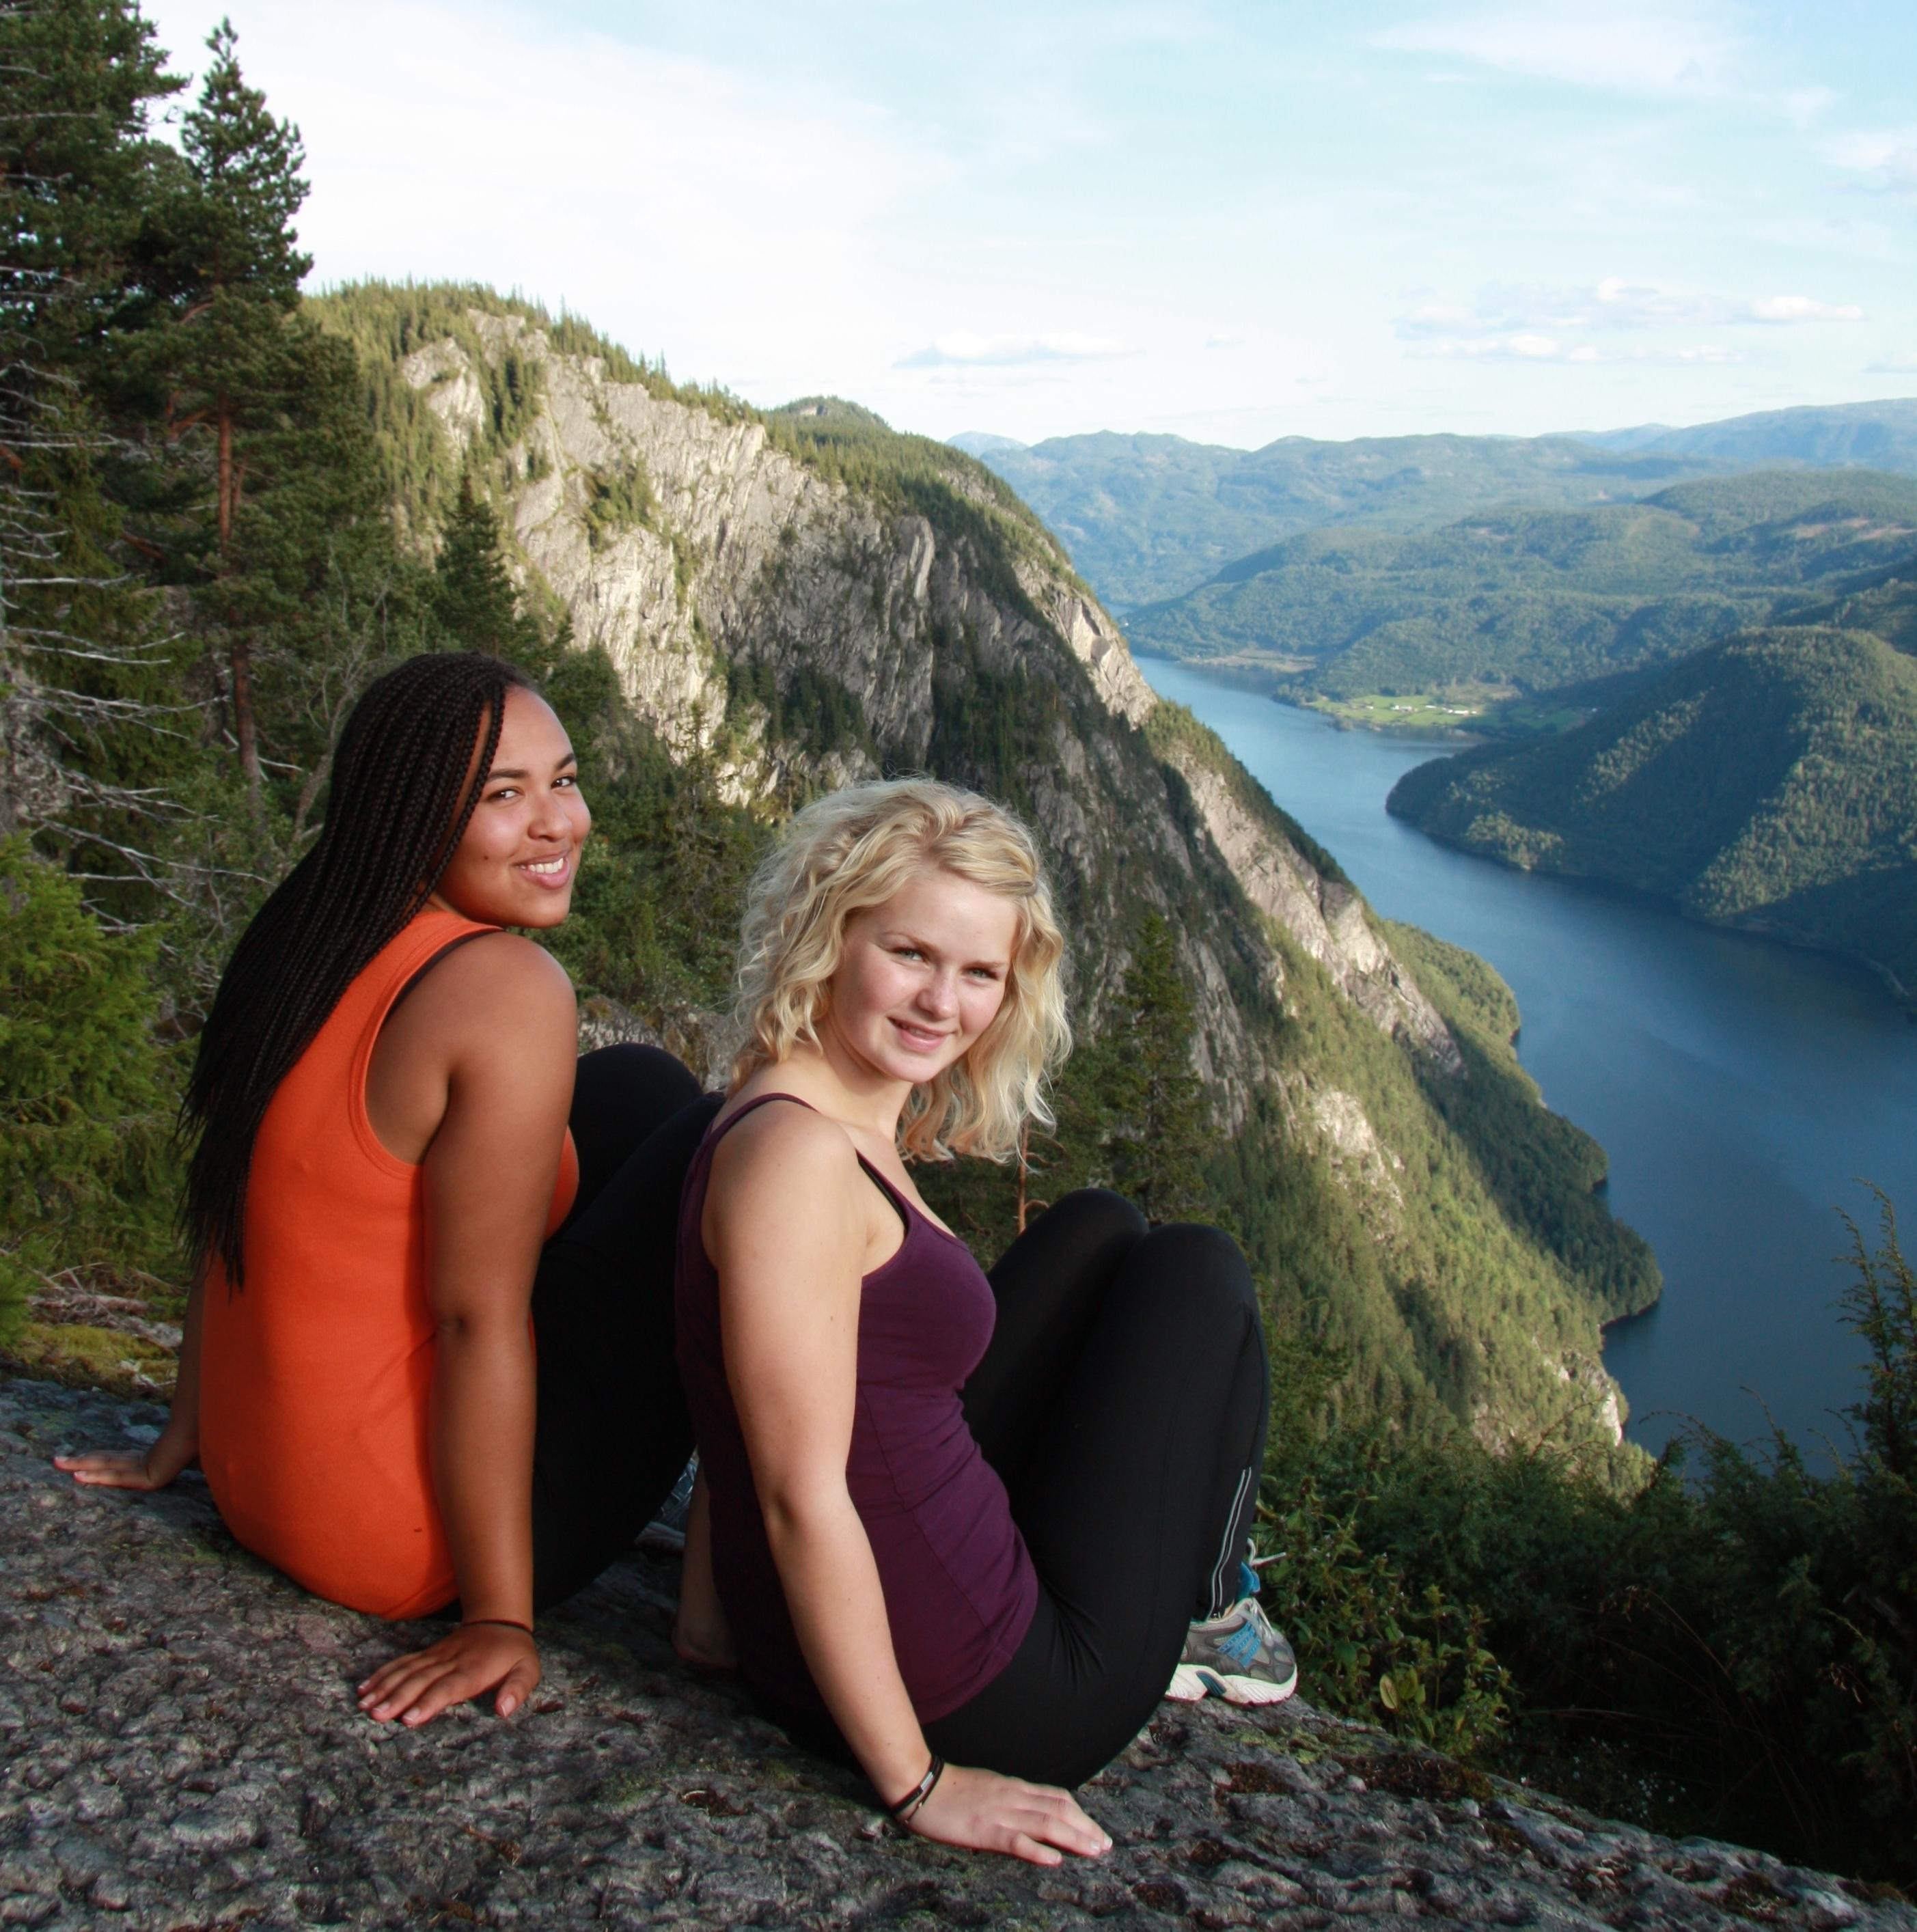 Ta vandreturen til Lårdalstingen og få en fantastisk utsikt over Bandakskanalen.  Ta en av kanalbåtene fra Lårdal på vei tilbake Dalen